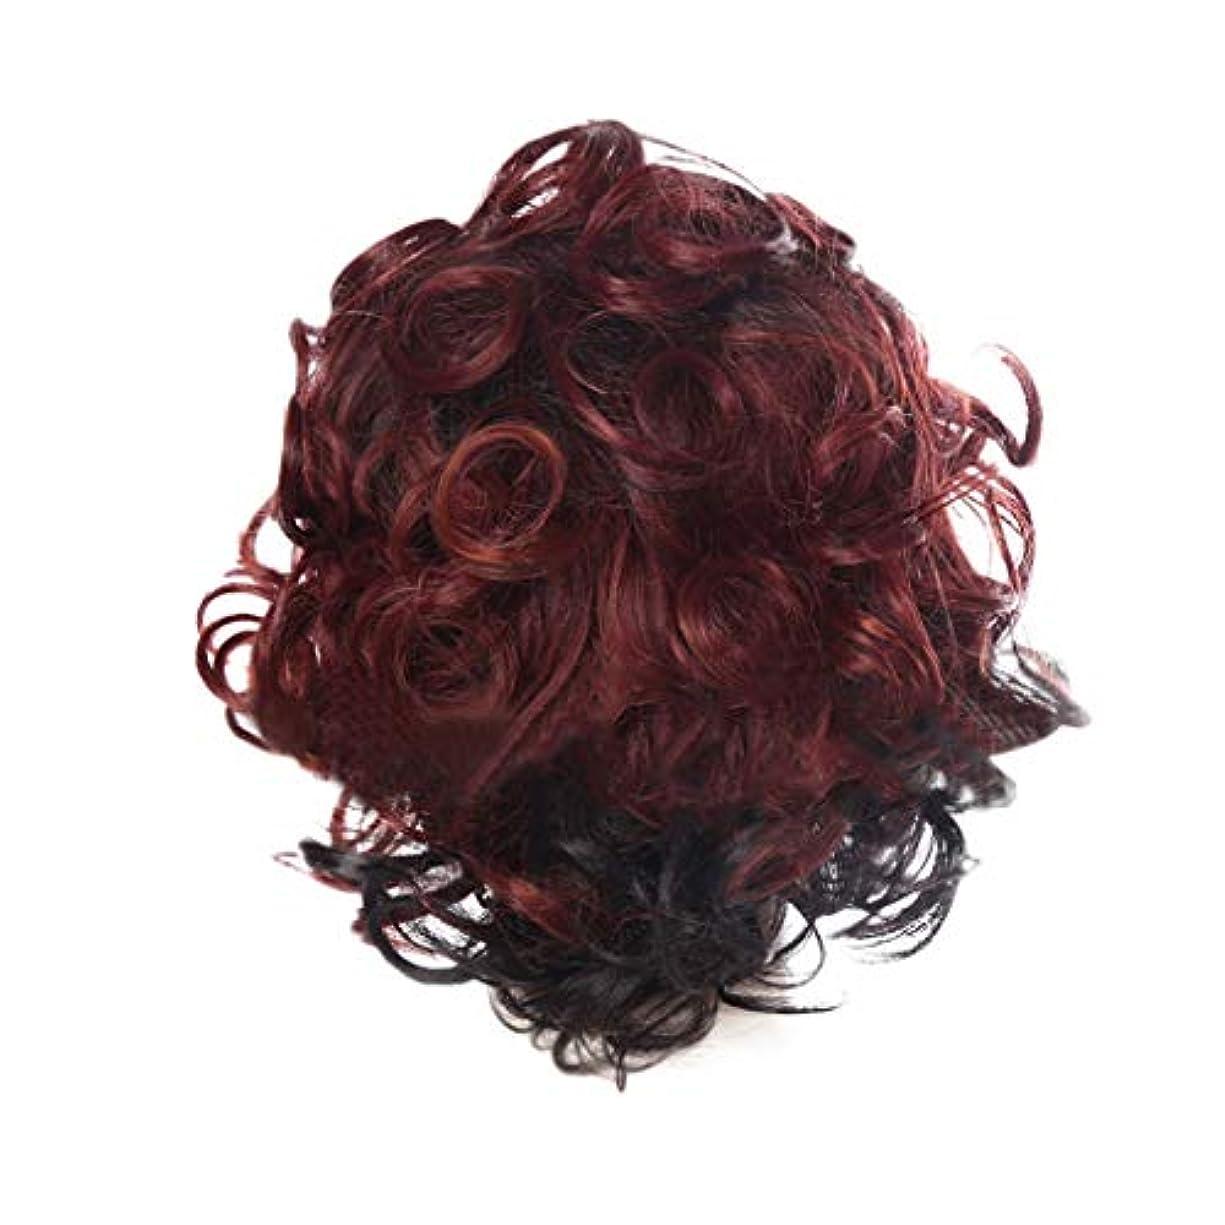 落ち着いて原子シマウマ女性の赤い短い巻き毛の人格爆発ヘッドかつら35 cmをかつら